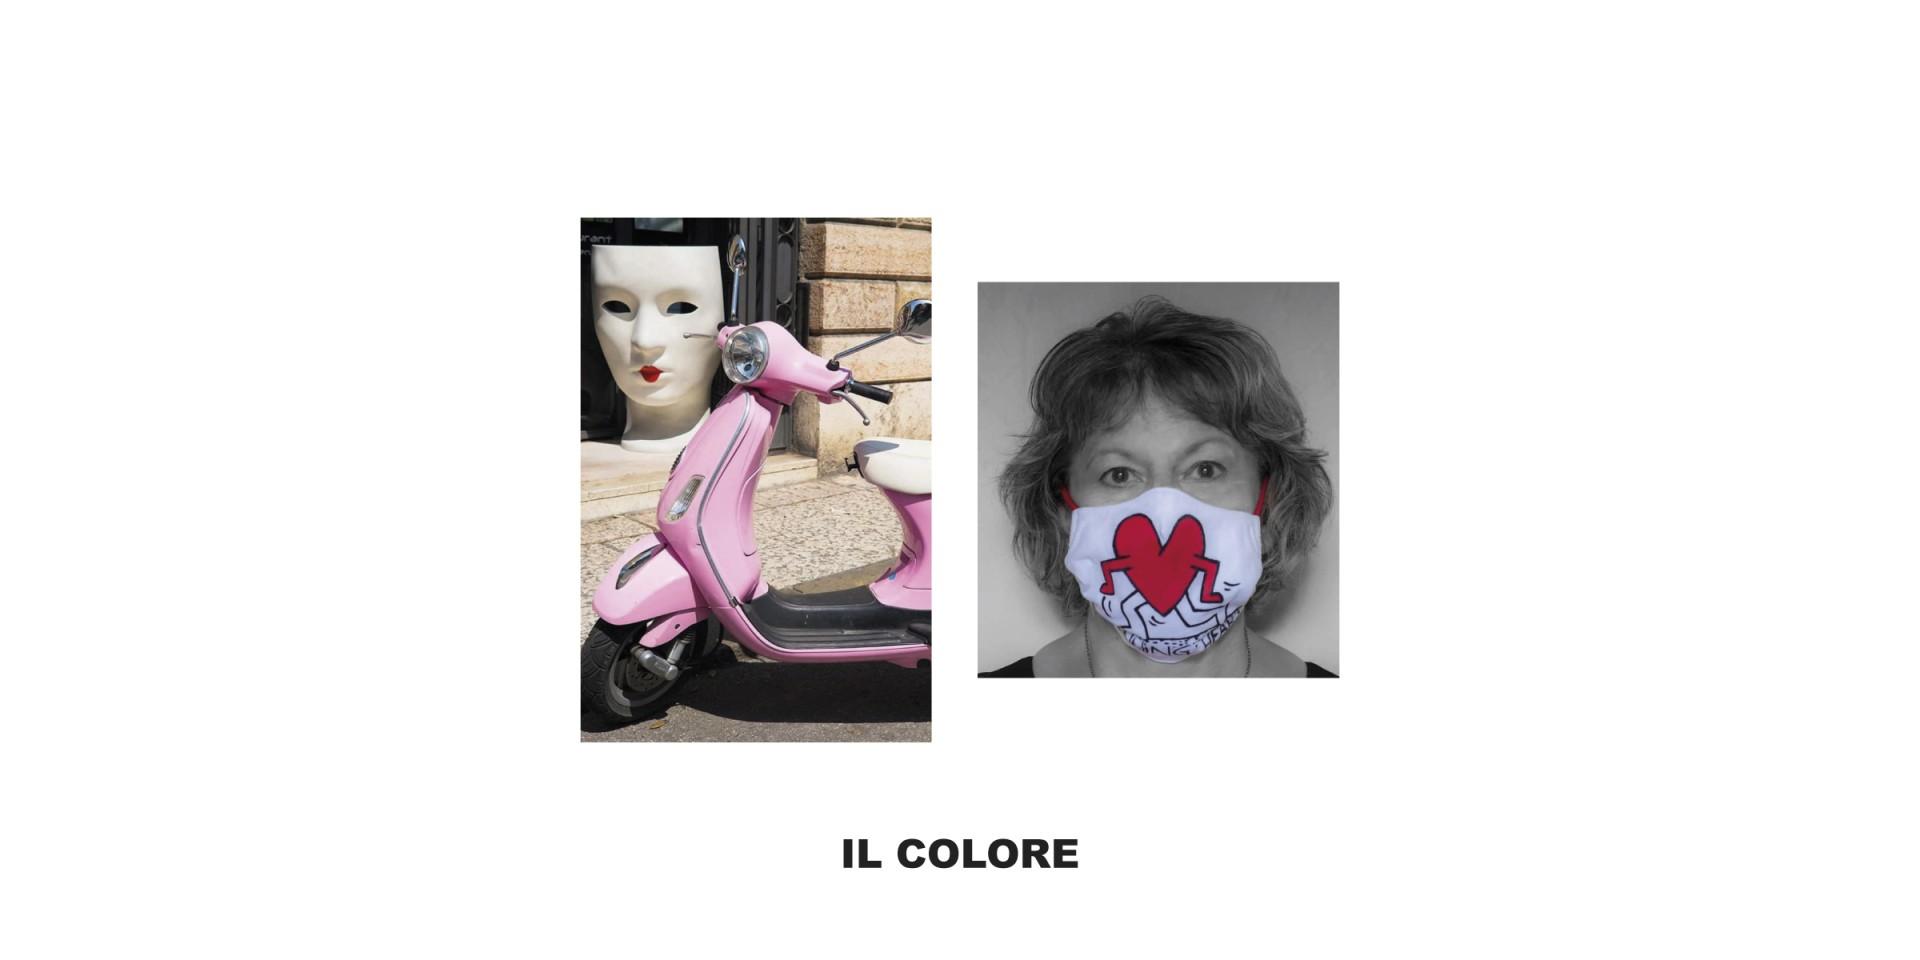 02-slide-il-colore-7.jpg